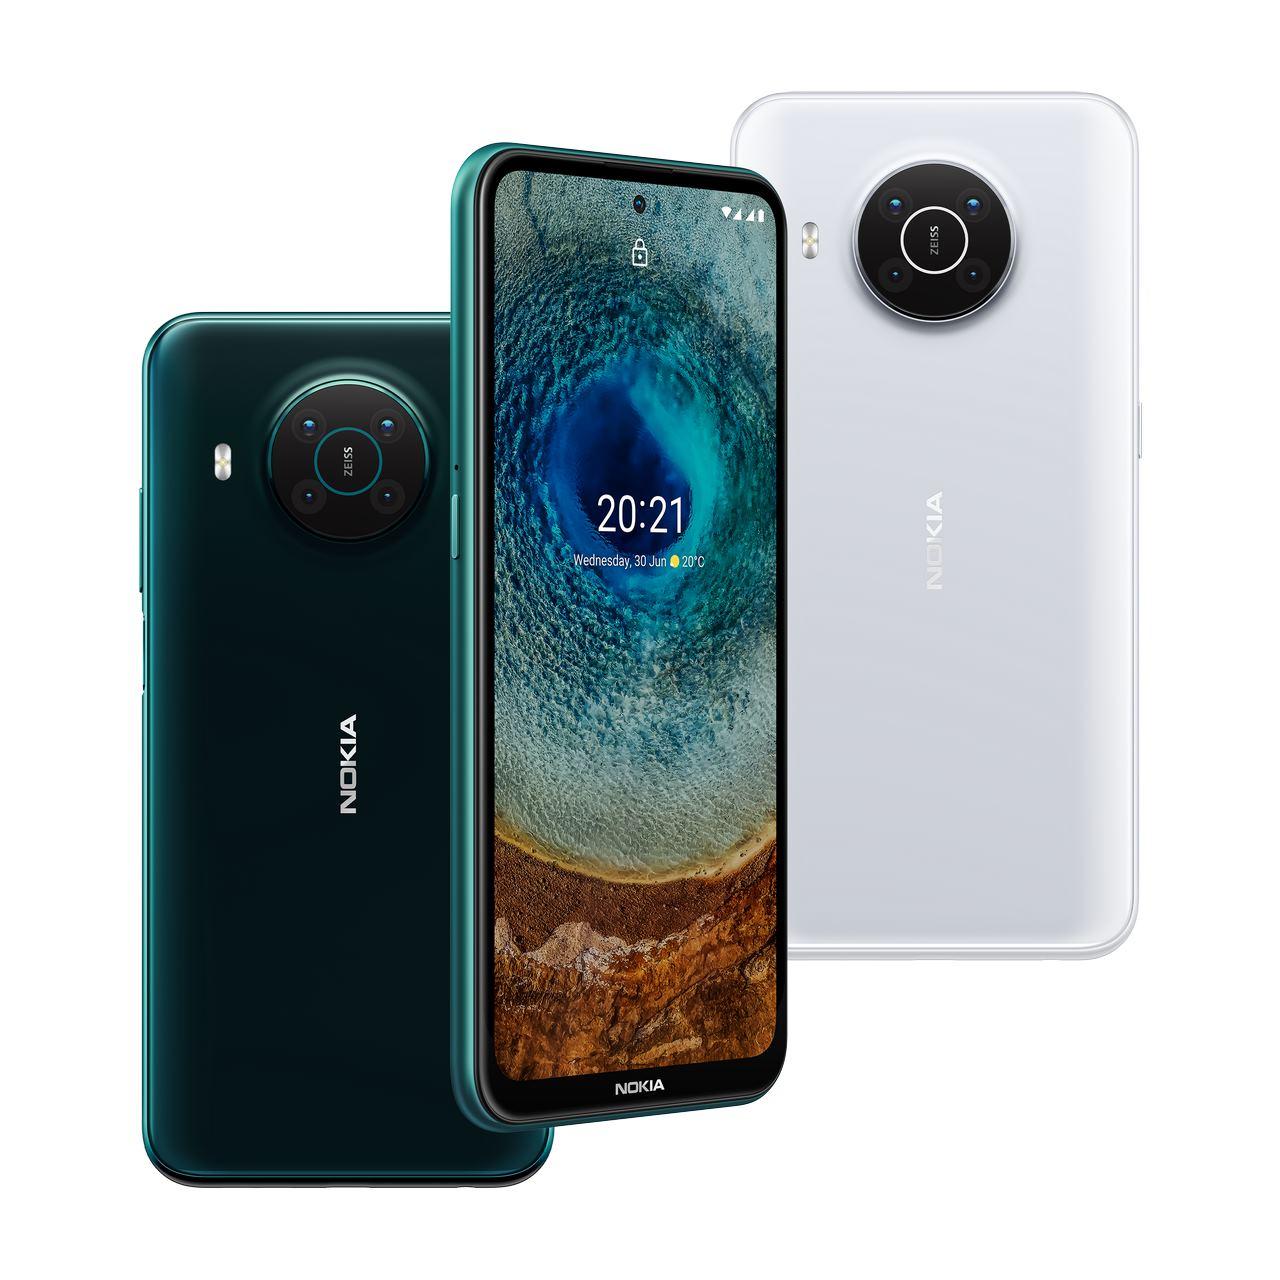 HMD tung liền lúc 6 smartphone Nokia mới, tham gia cung cấp cả dịch vụ viễn thông